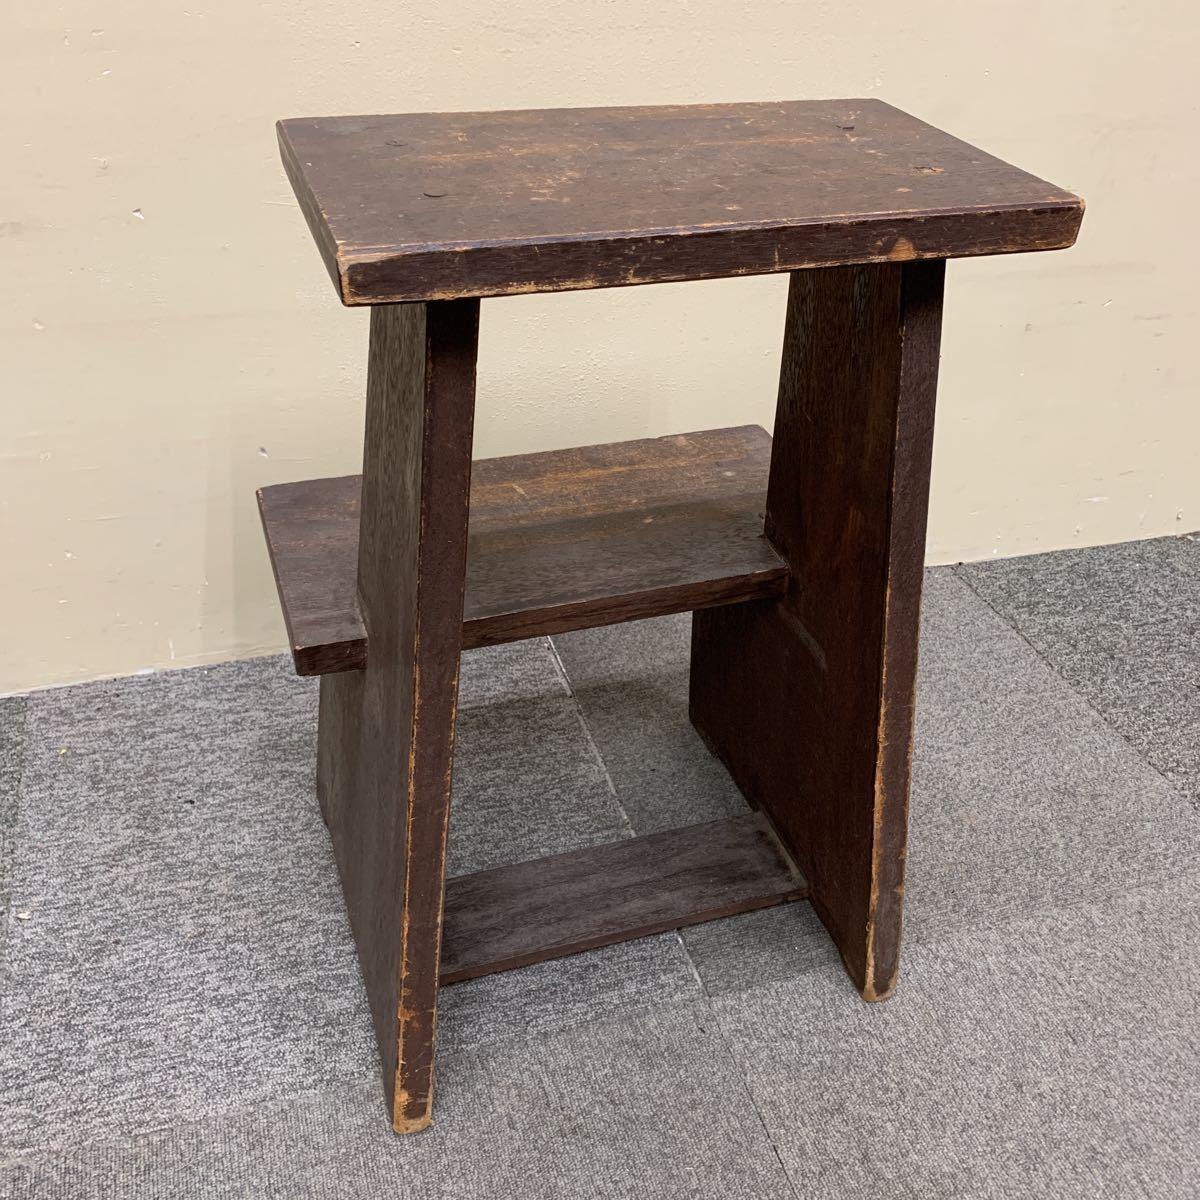 * 木製 スツール 踏み台 飾り棚 花台 ステップ ディスプレイ 陳列台 レトロ アンティーク 格安売り切りスタート◎_画像3